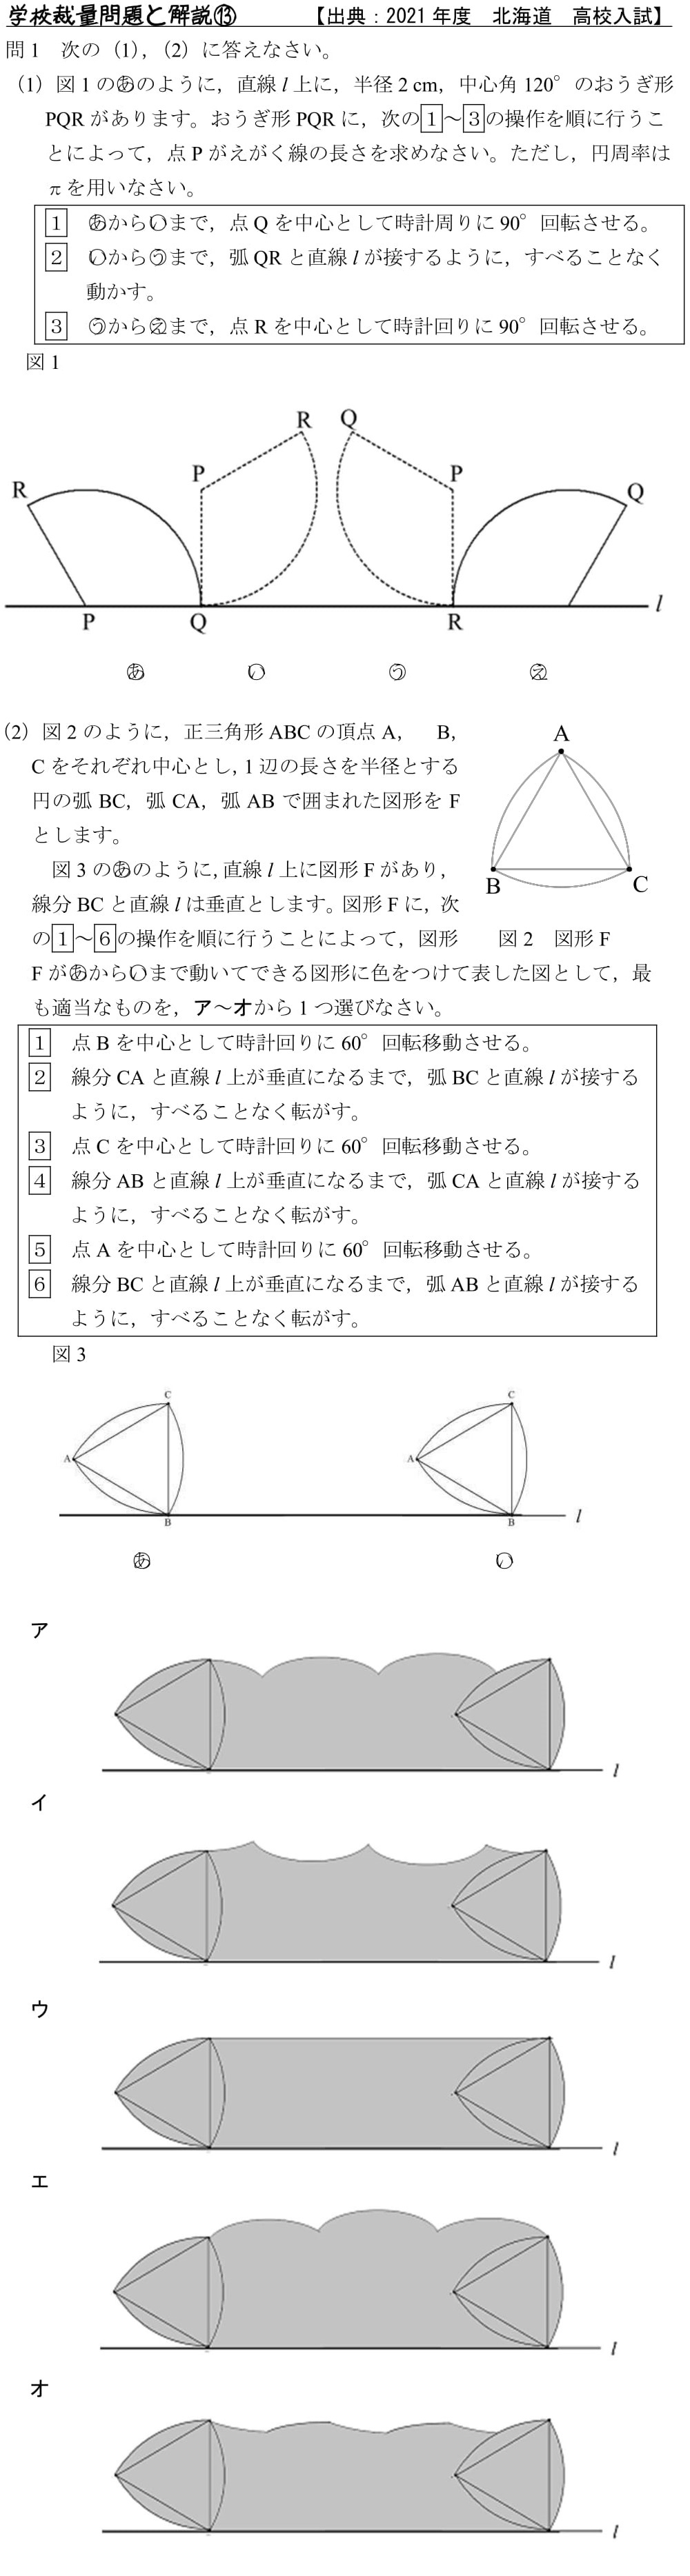 北海道 高校入試 裁量問題 解答 解説 解答速報 2021 数学 ルーローの三角形 難問